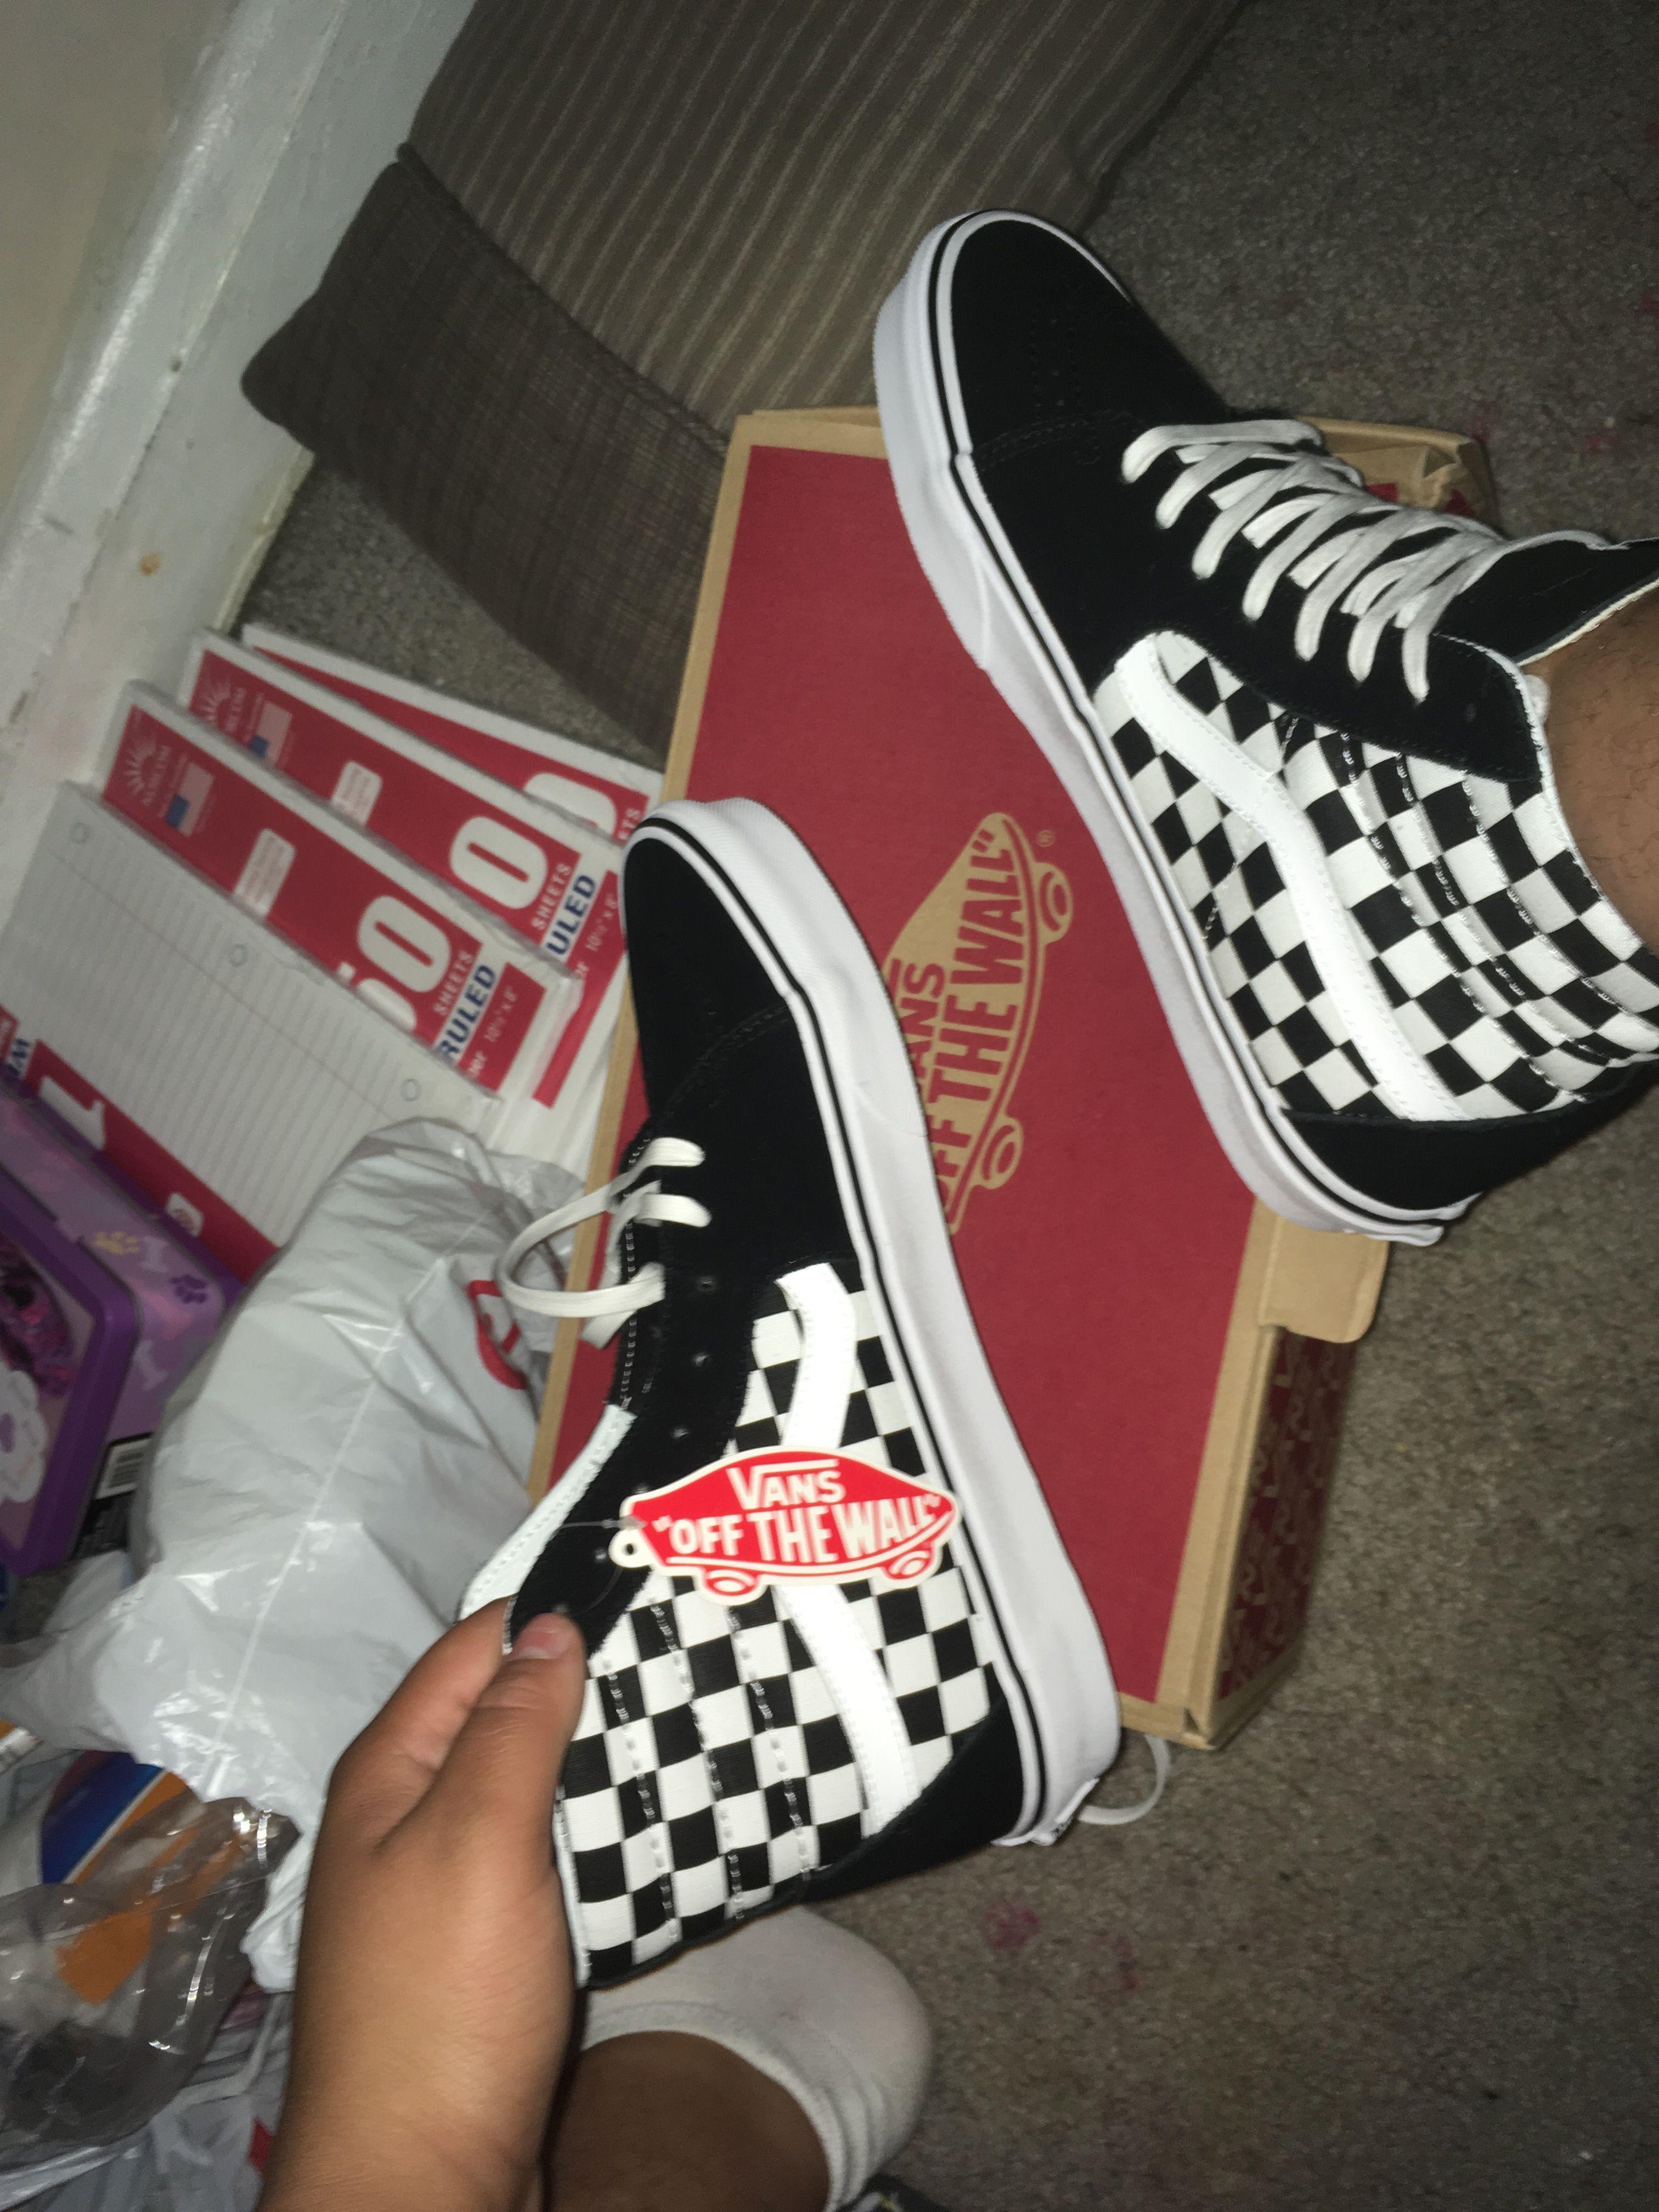 Vans boots, Vans shoes, Vans checkered